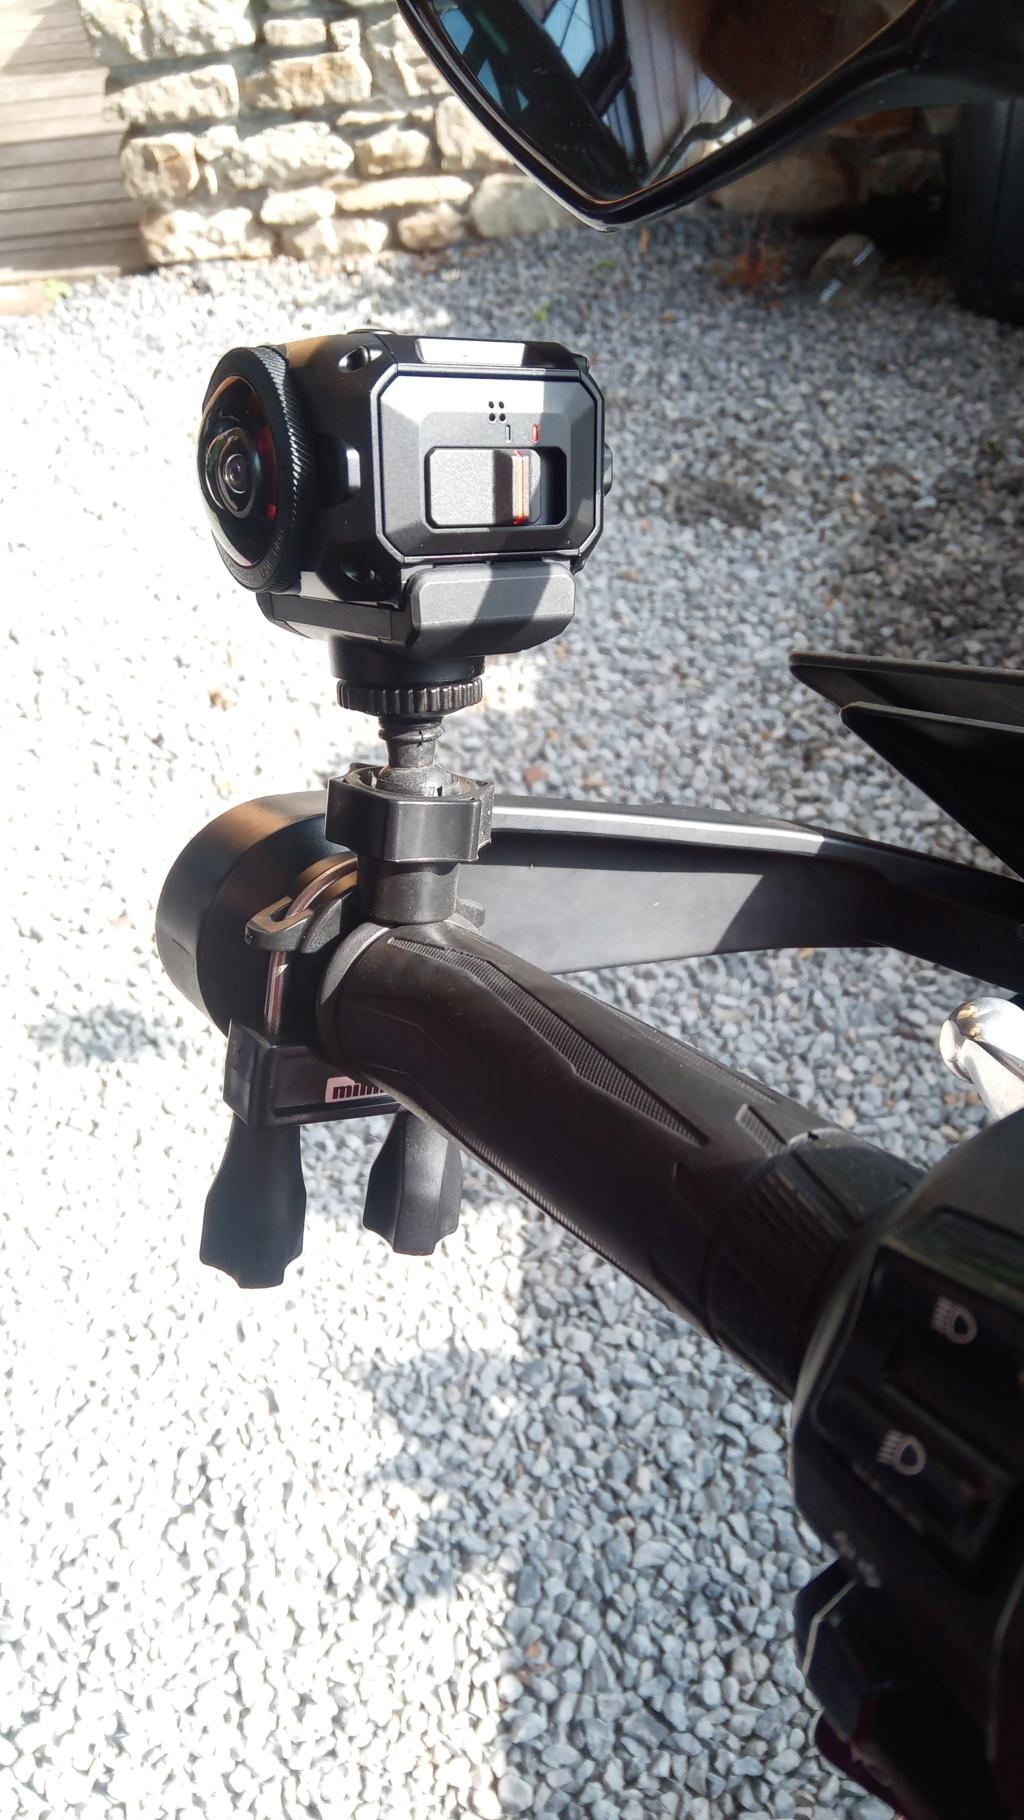 Vous utilisez quoi comme caméra ? - Page 4 Img_2016